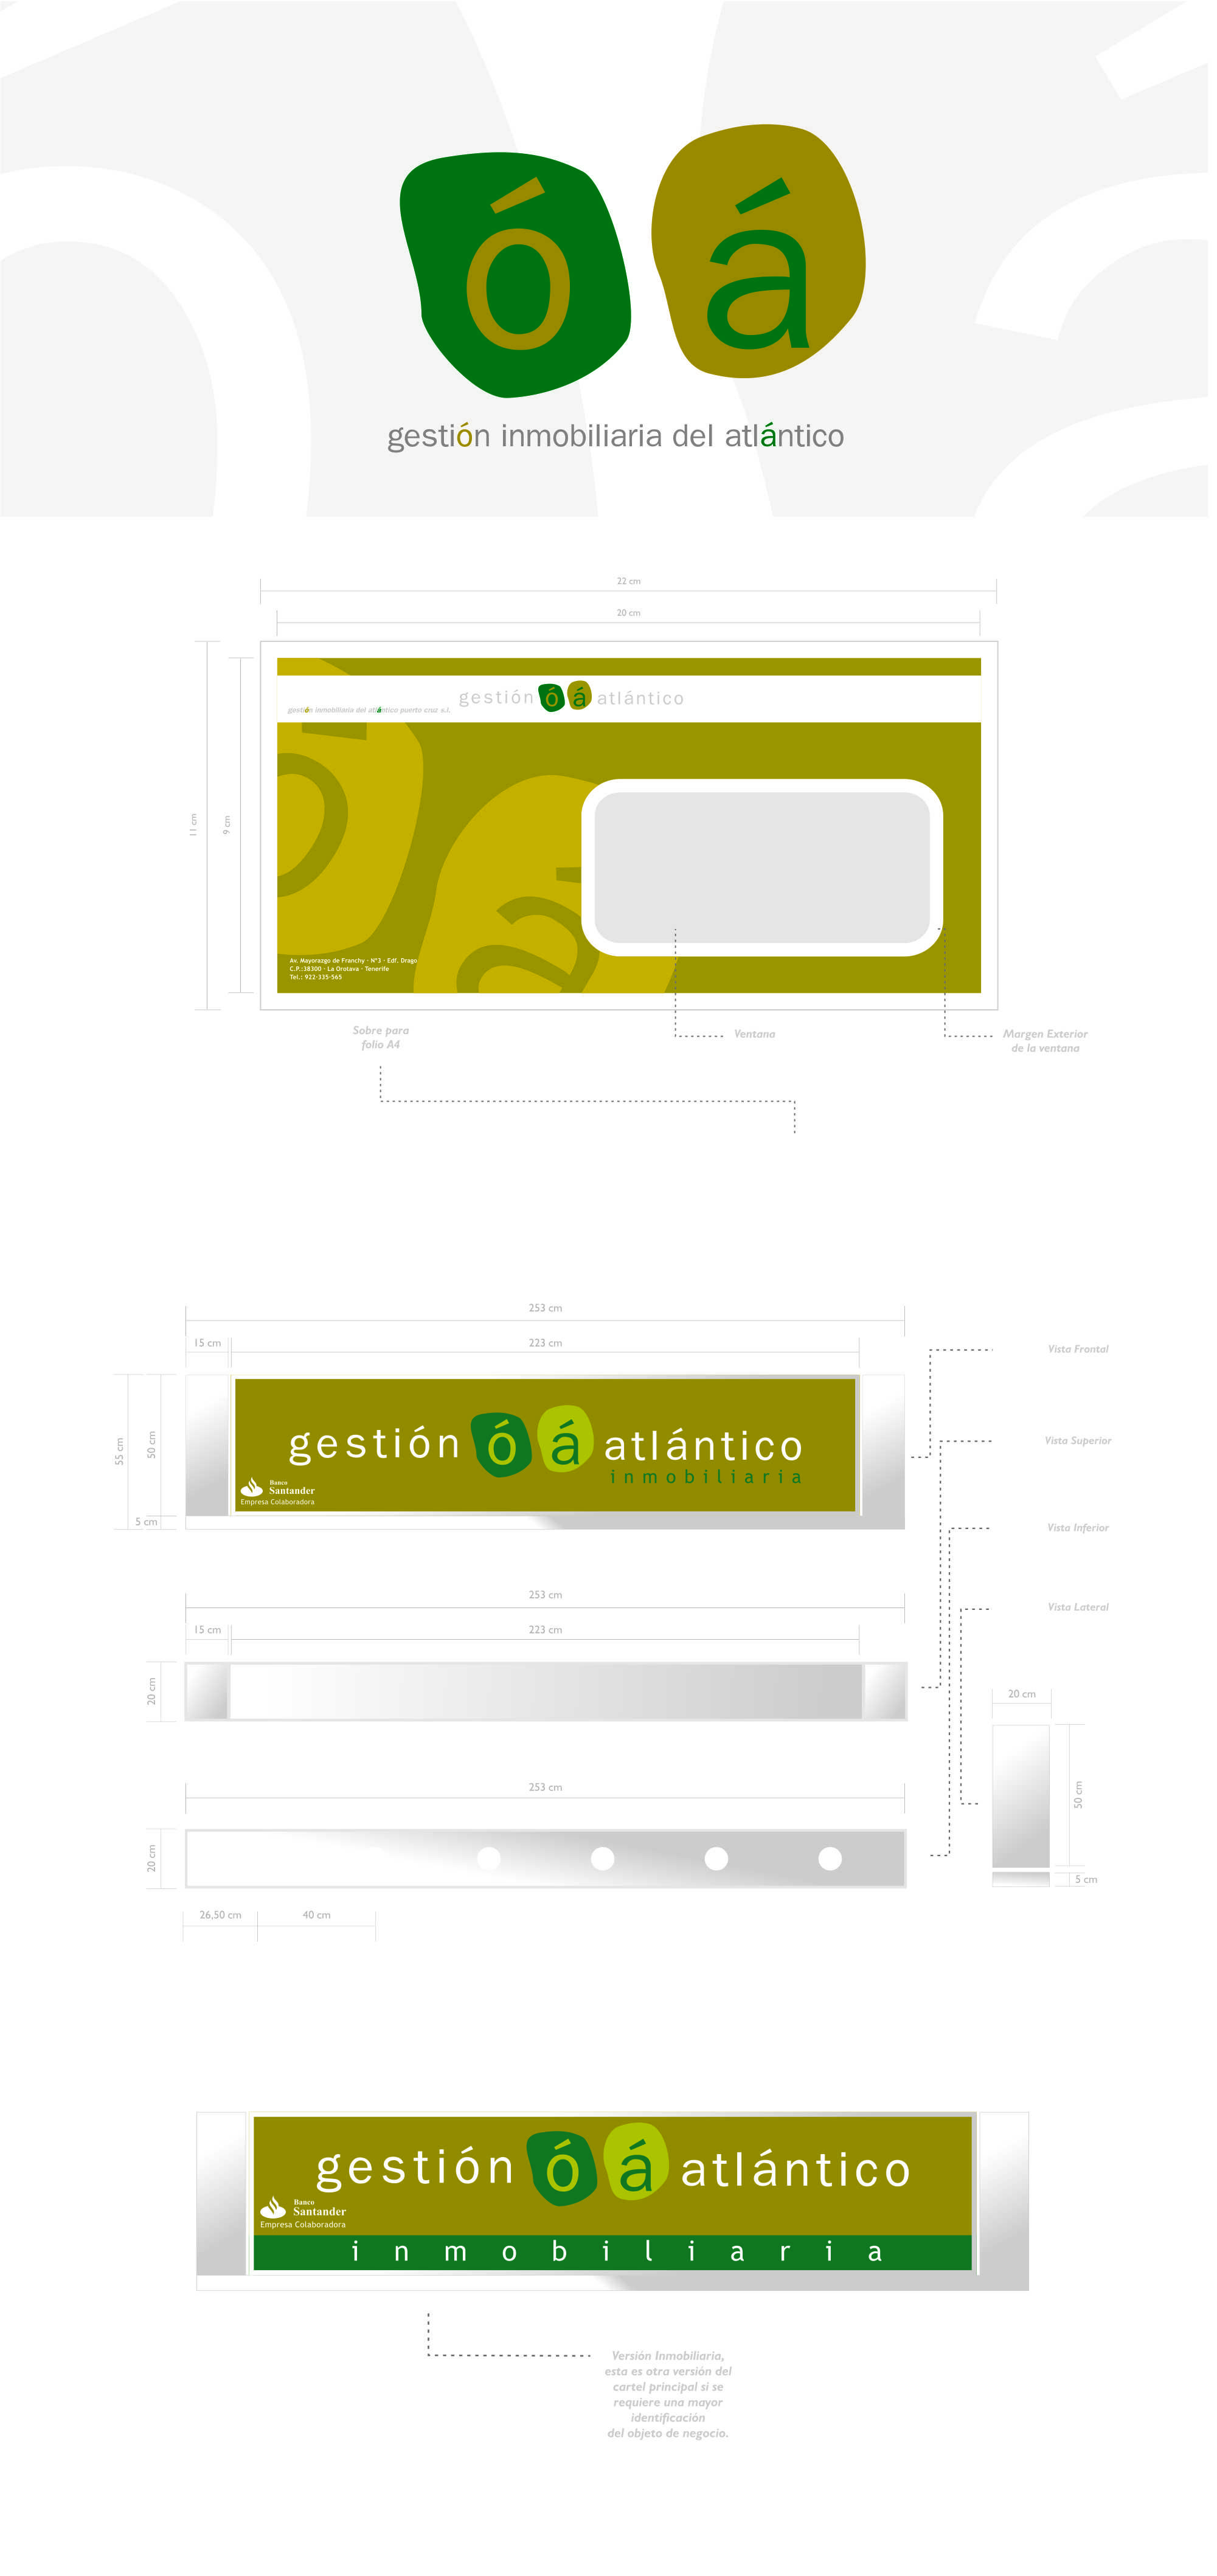 Aplicación a sobre tipo americano, cartel principal y cartel Asociado Santander.